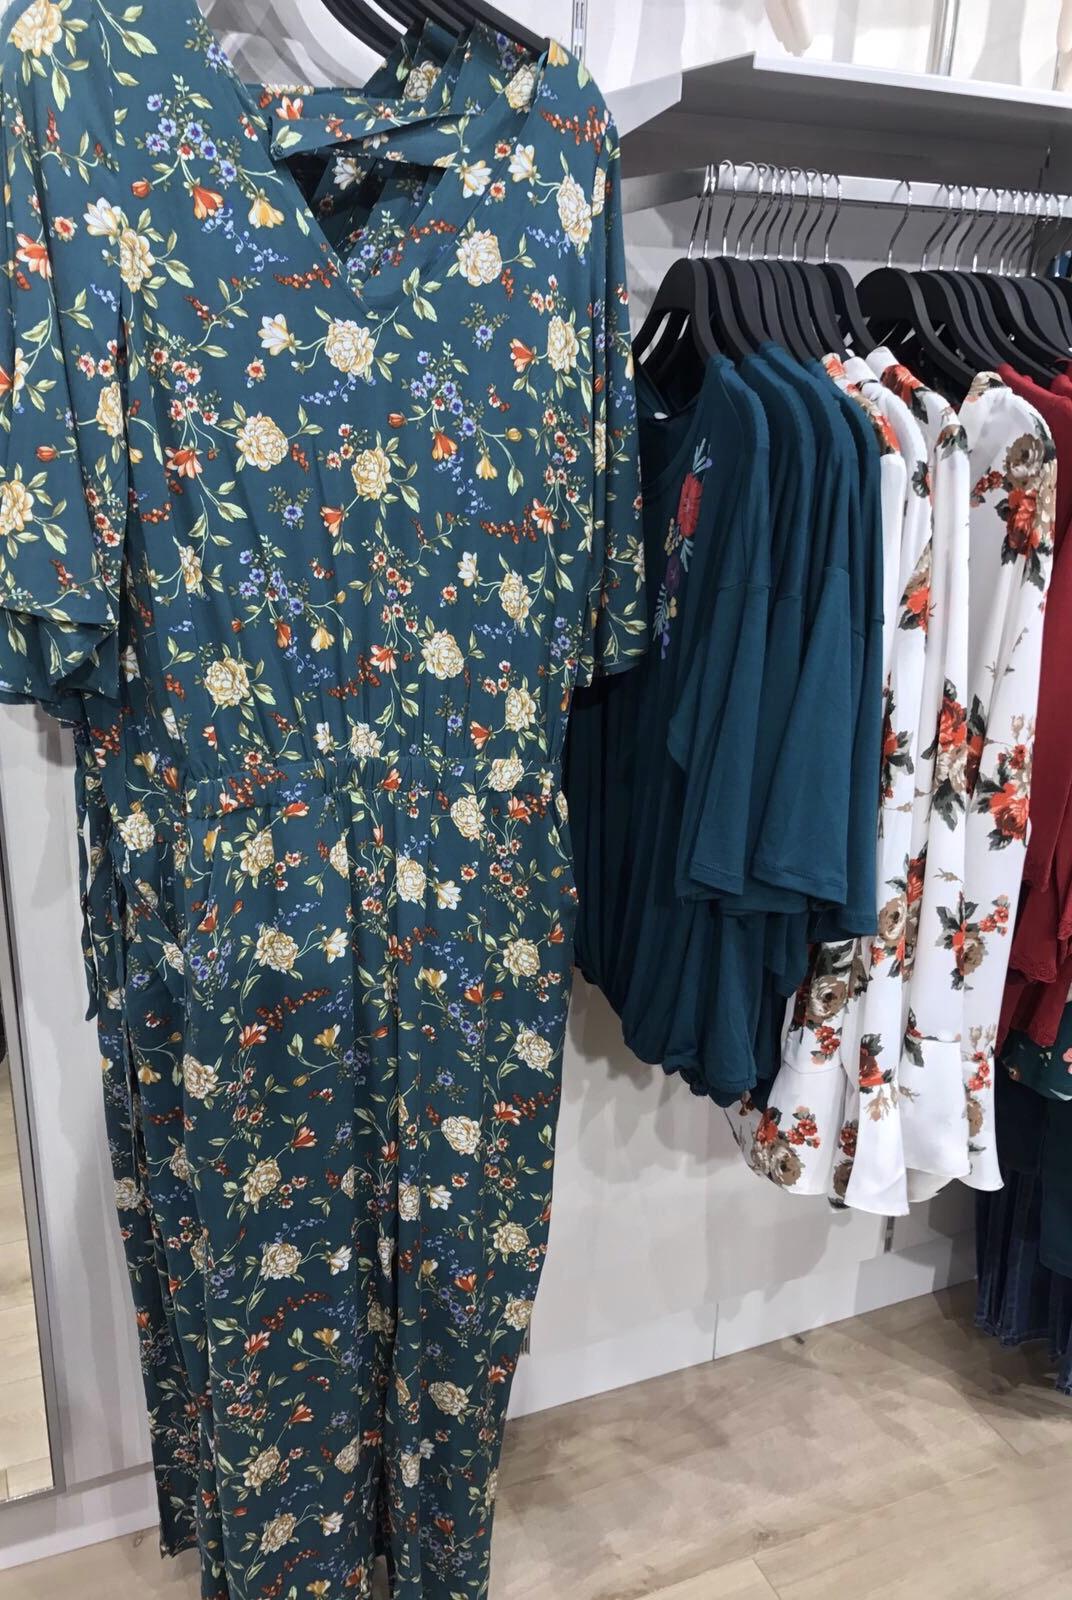 Conoces mujer de moda nueva La tienda Se Dehesa de llama la rHfRqr